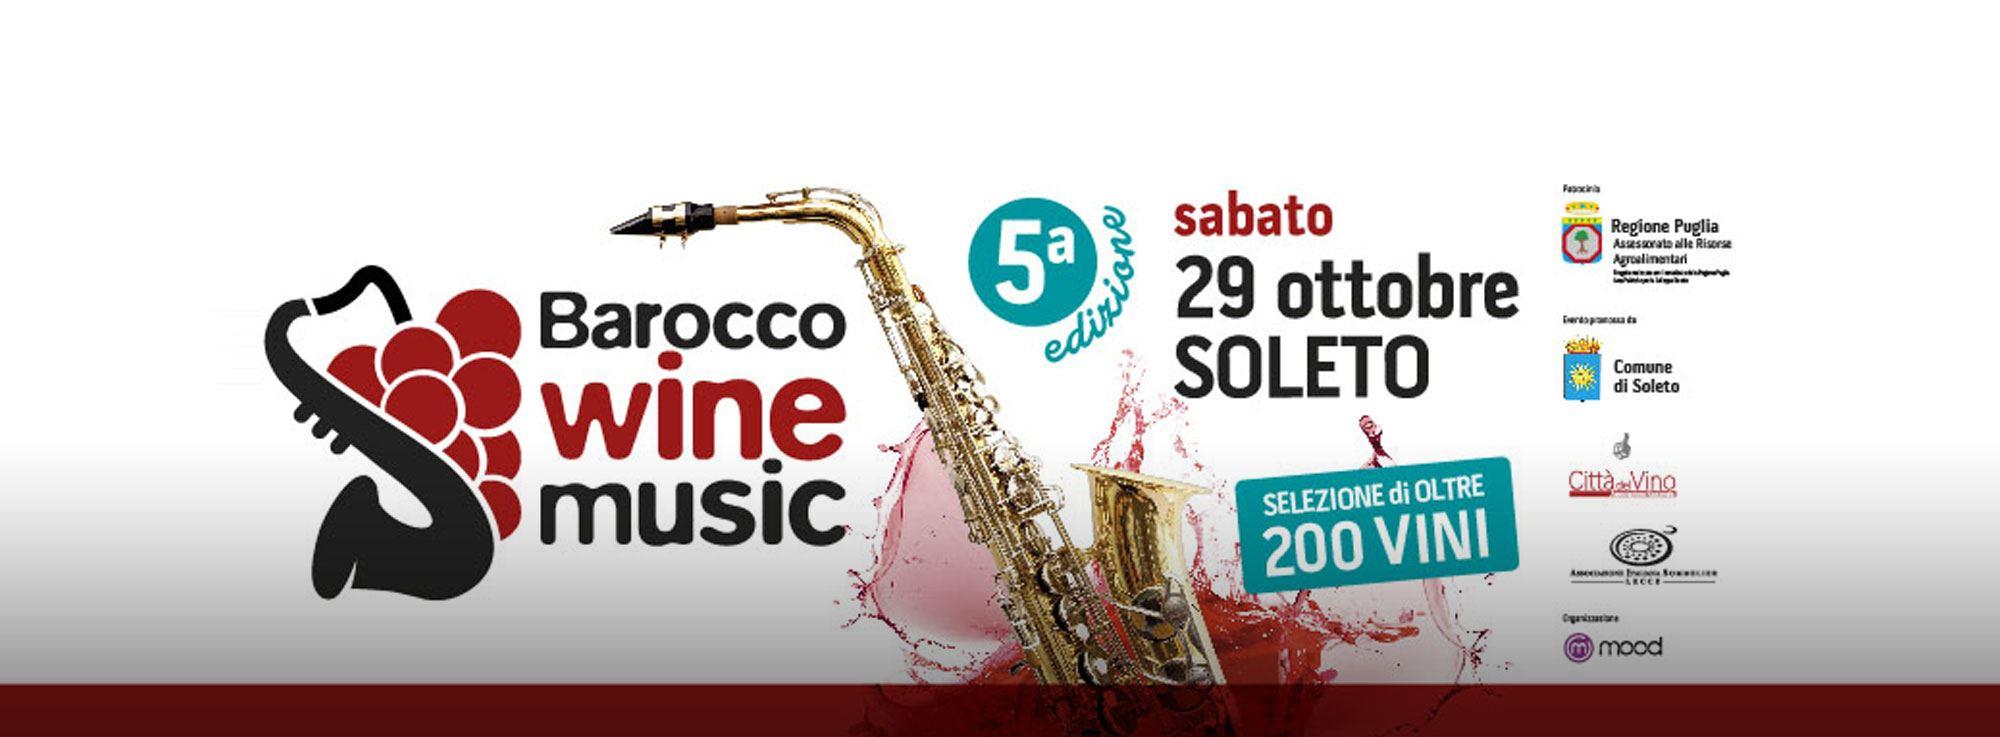 Soleto: Barocco Wine Music 2016